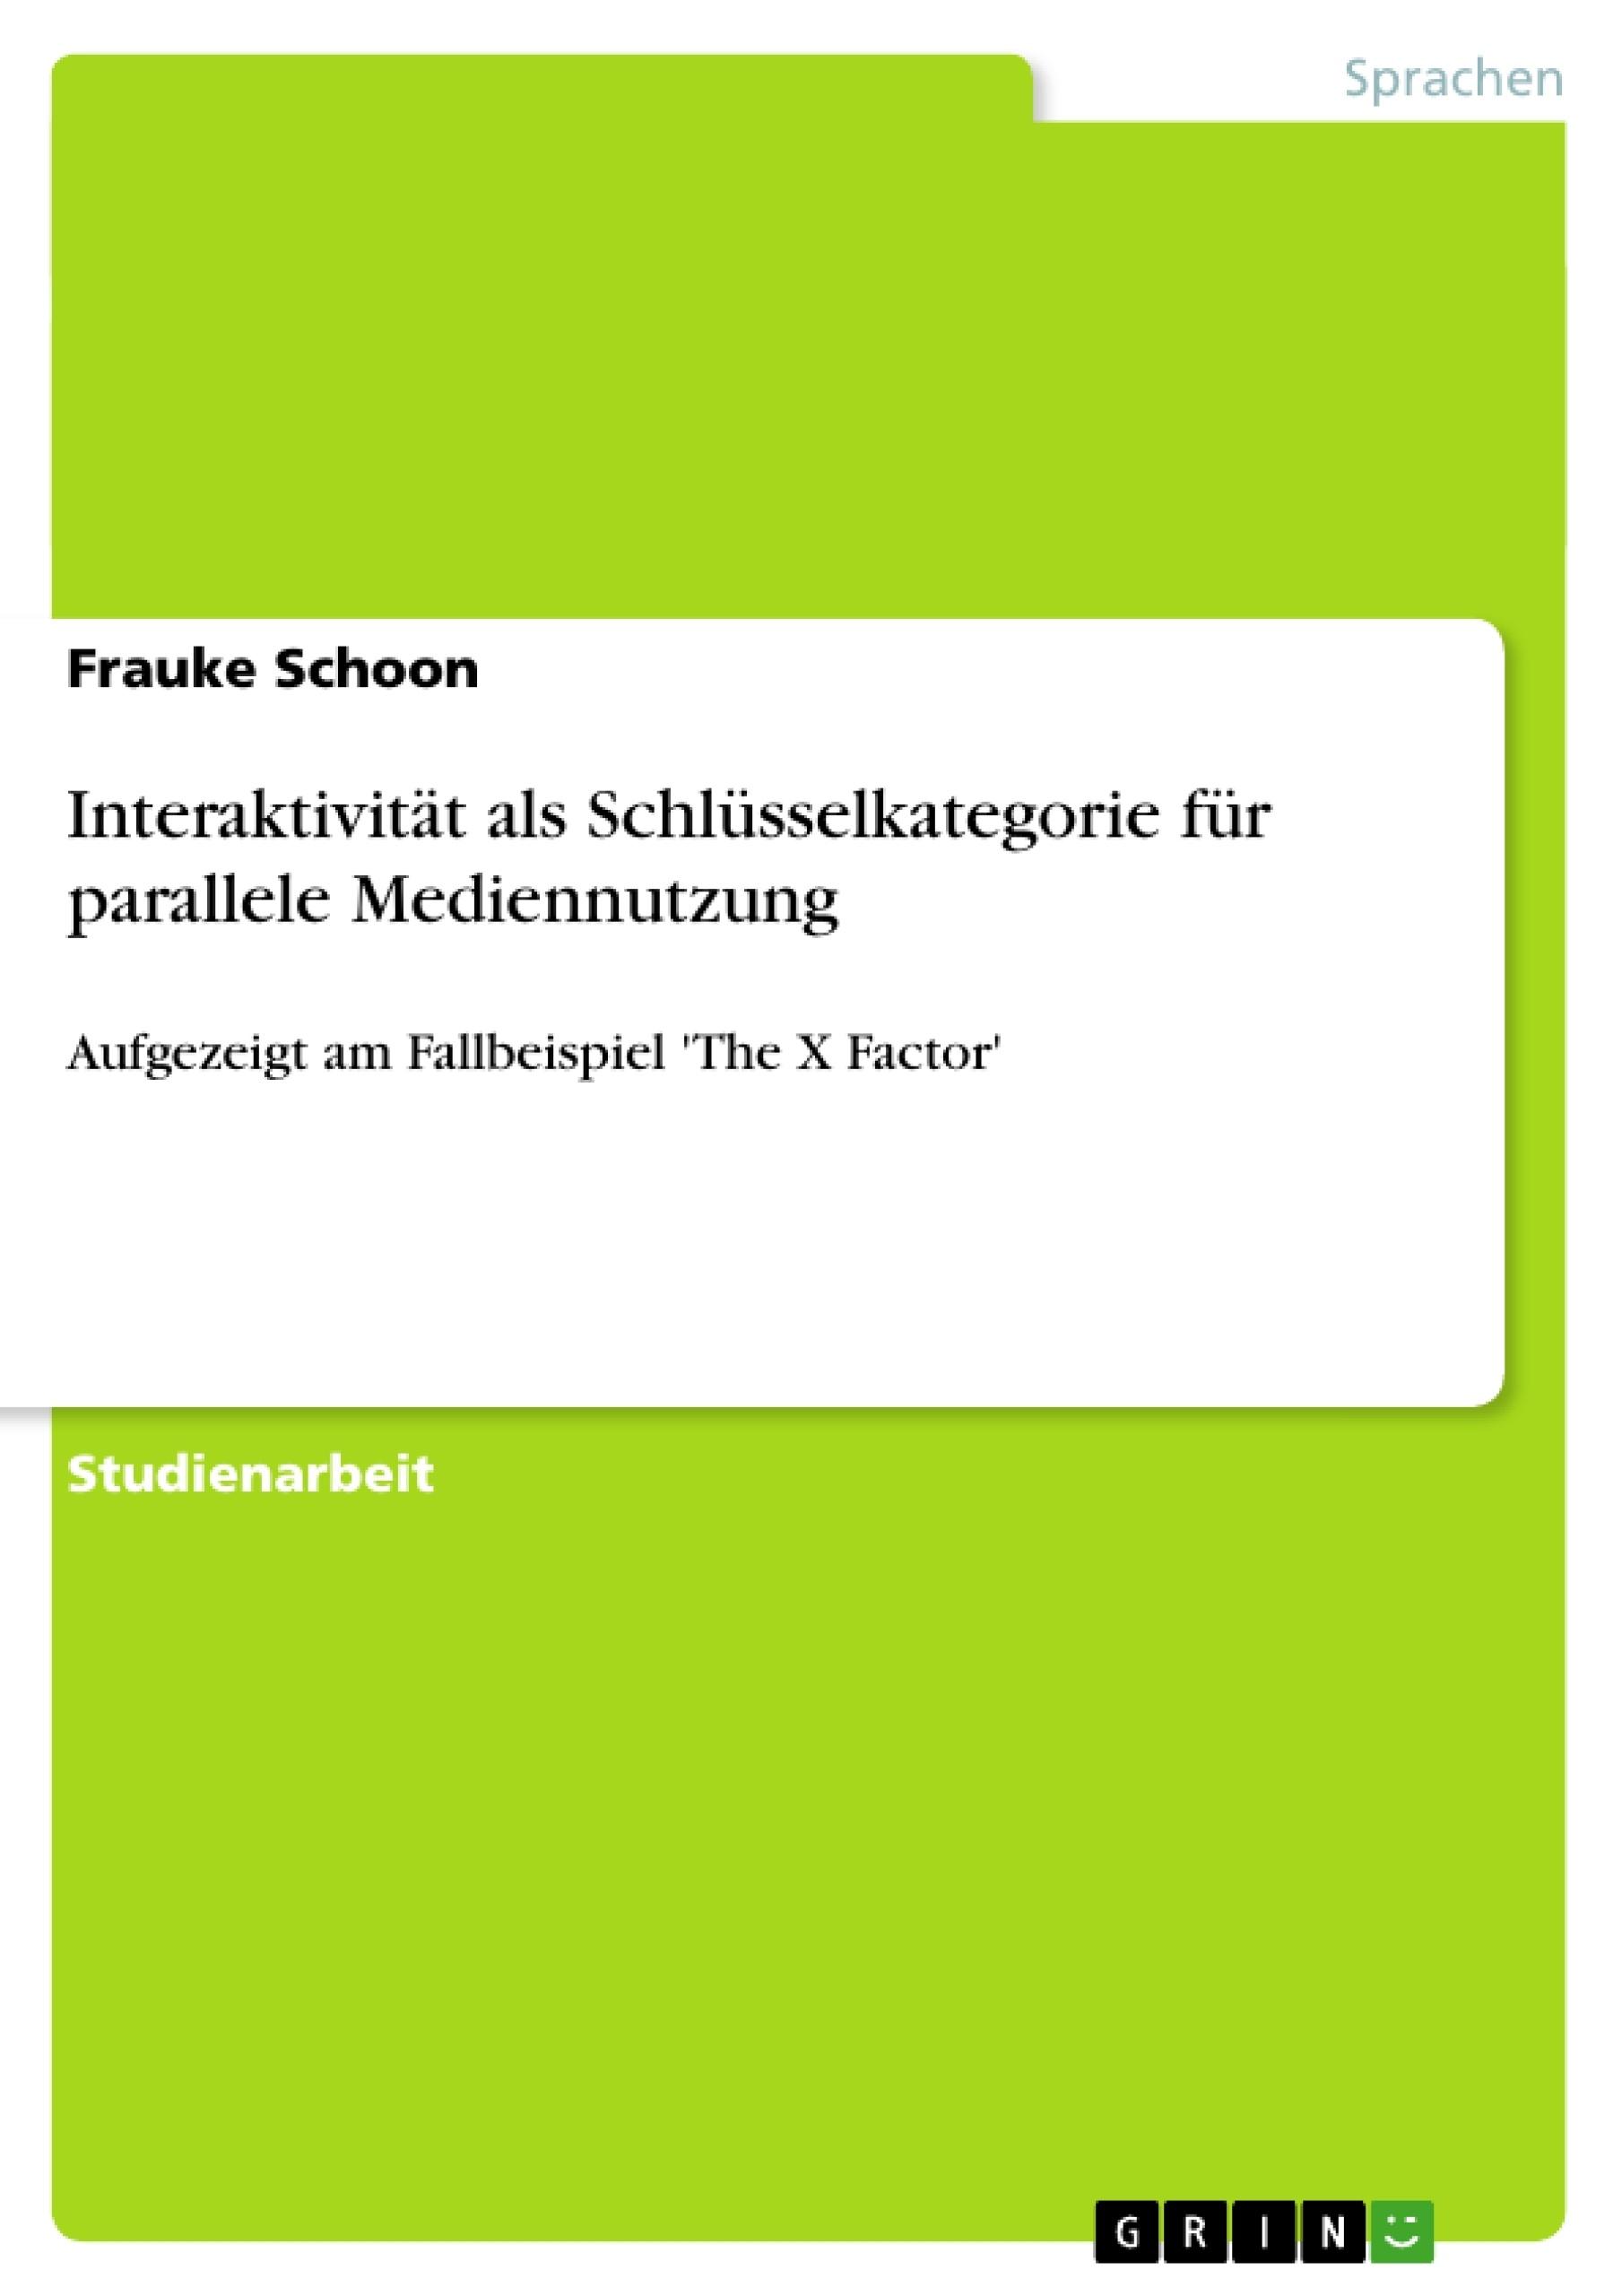 Titel: Interaktivität als Schlüsselkategorie für parallele Mediennutzung